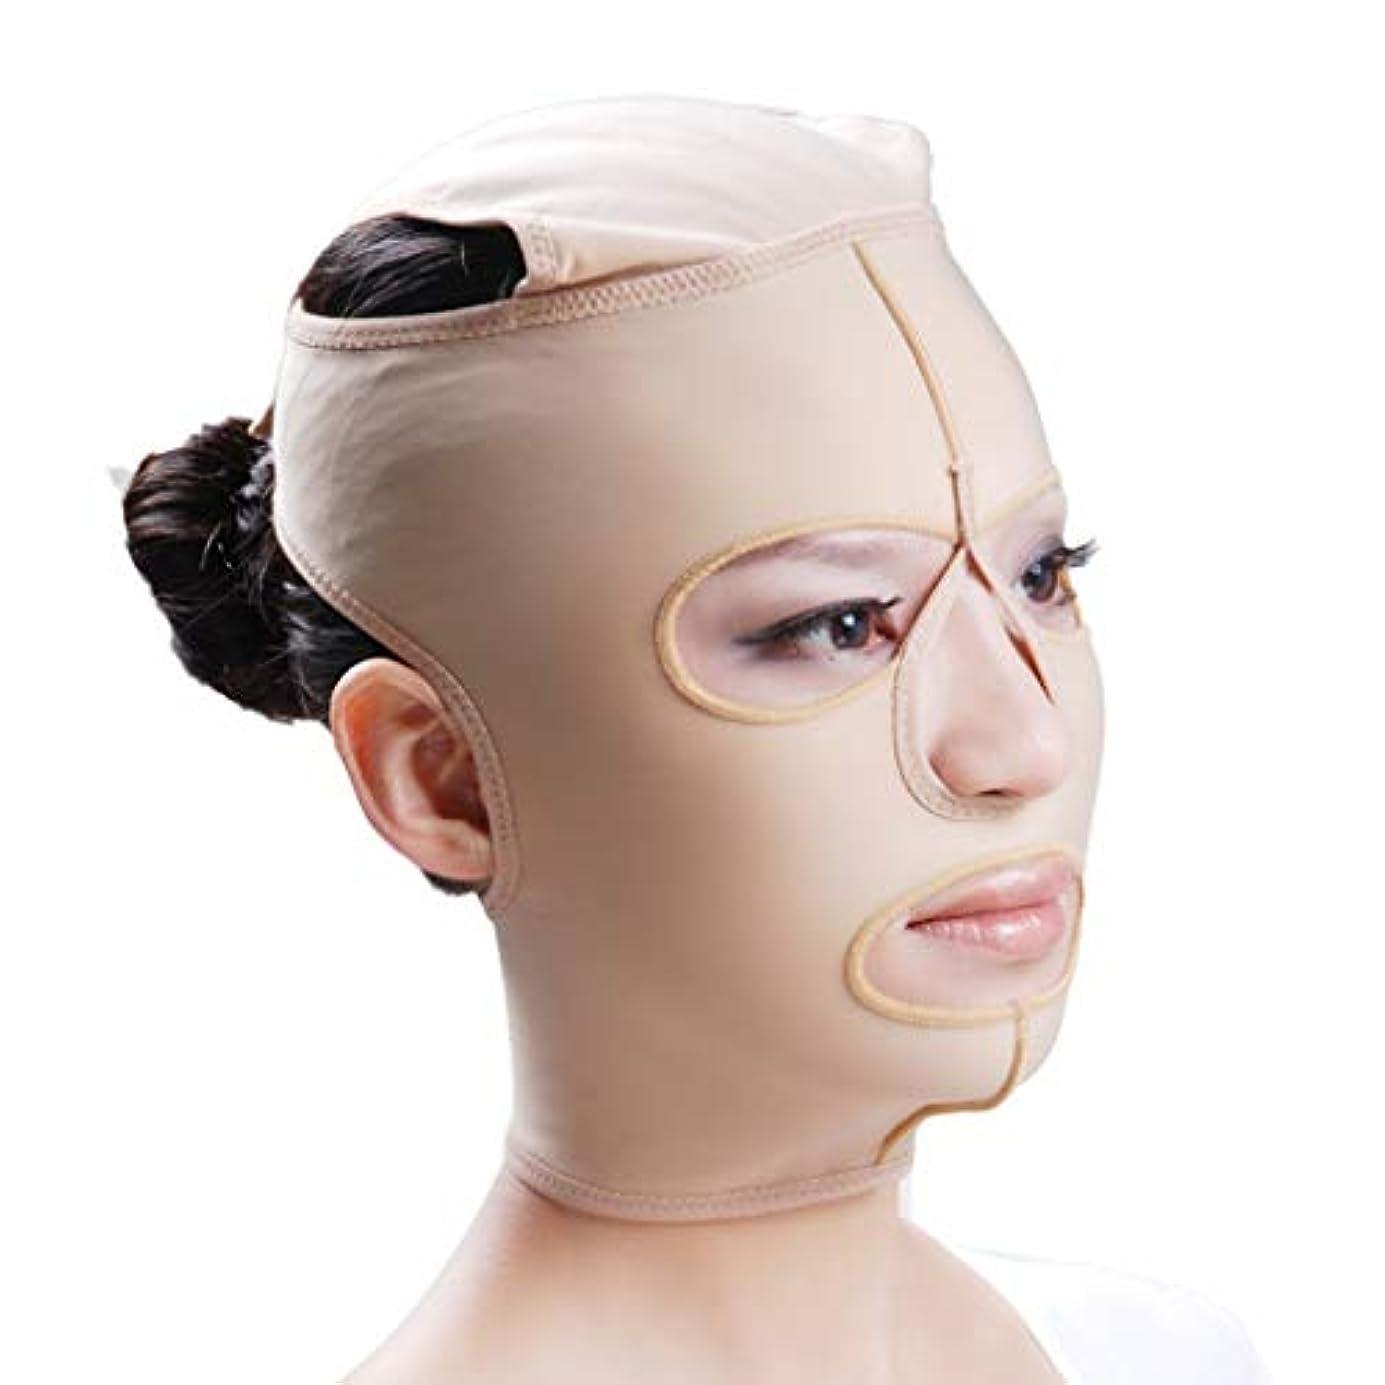 答え発送尽きるLJK フェイスリフトマスク、フルフェイスマスク医療グレード圧力フェイスダブルチンプラスチック脂肪吸引術弾性包帯ヘッドギア後の顔の脂肪吸引術 (Size : M)